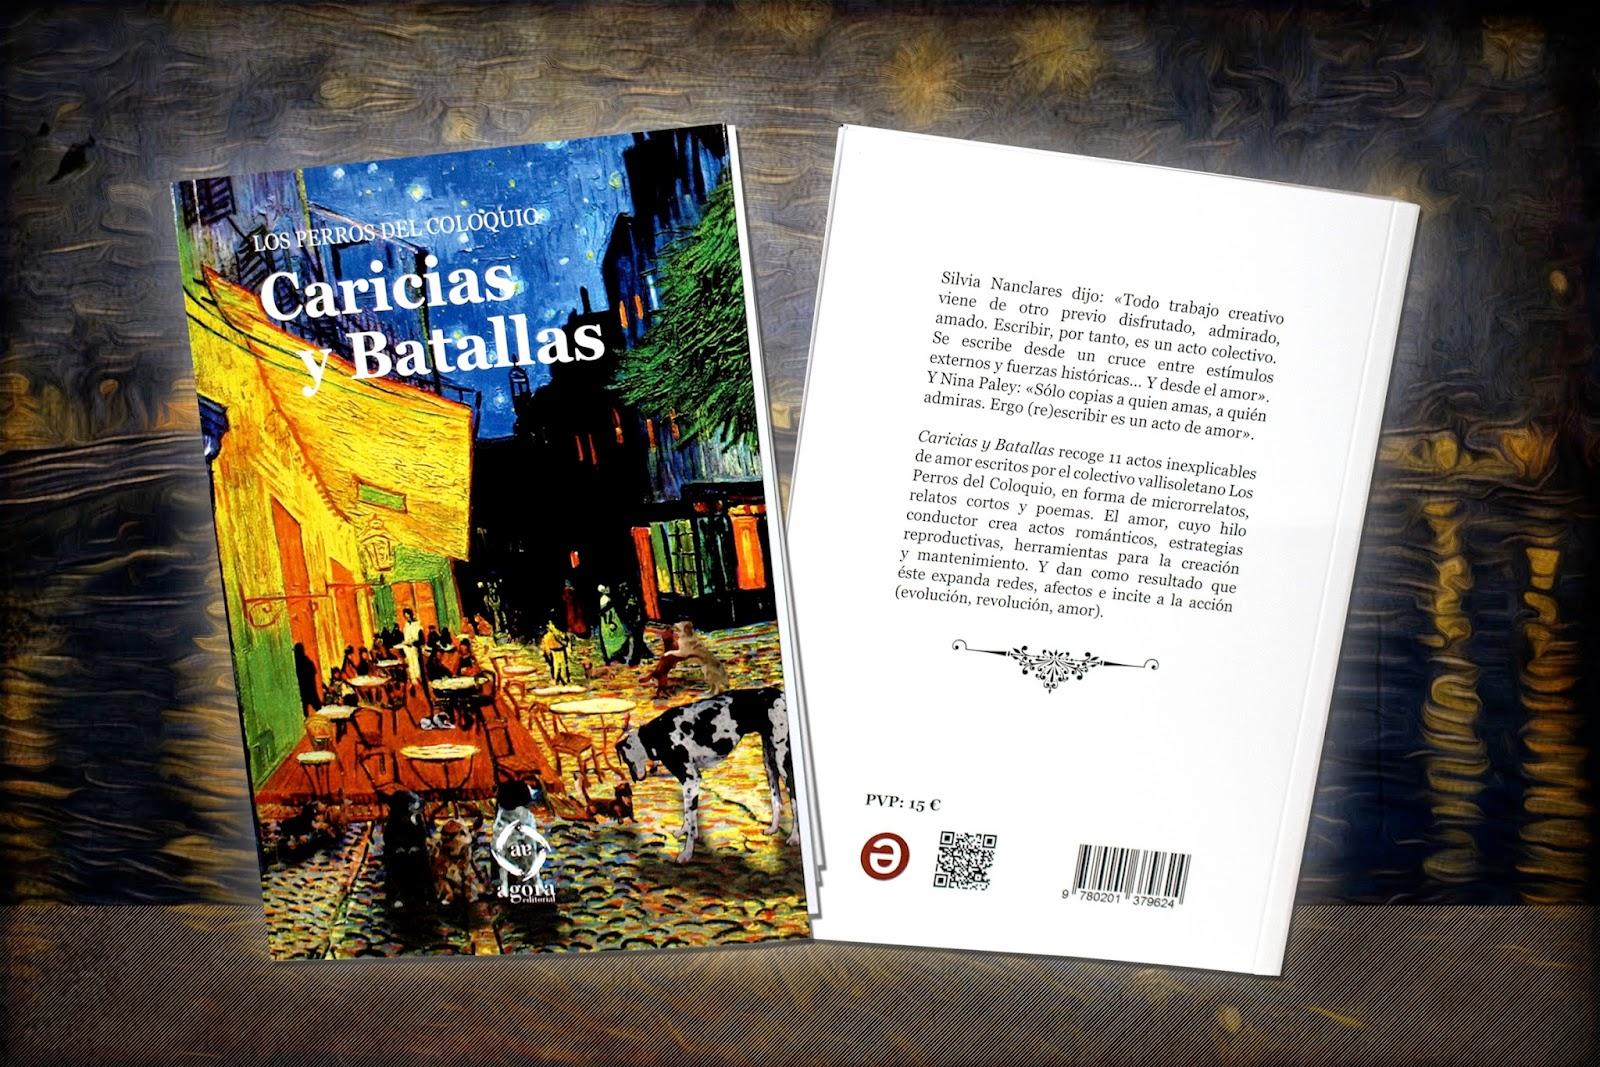 http://cariciasybatallas.wordpress.com/6-preventa-de-caricias-y-batallas/